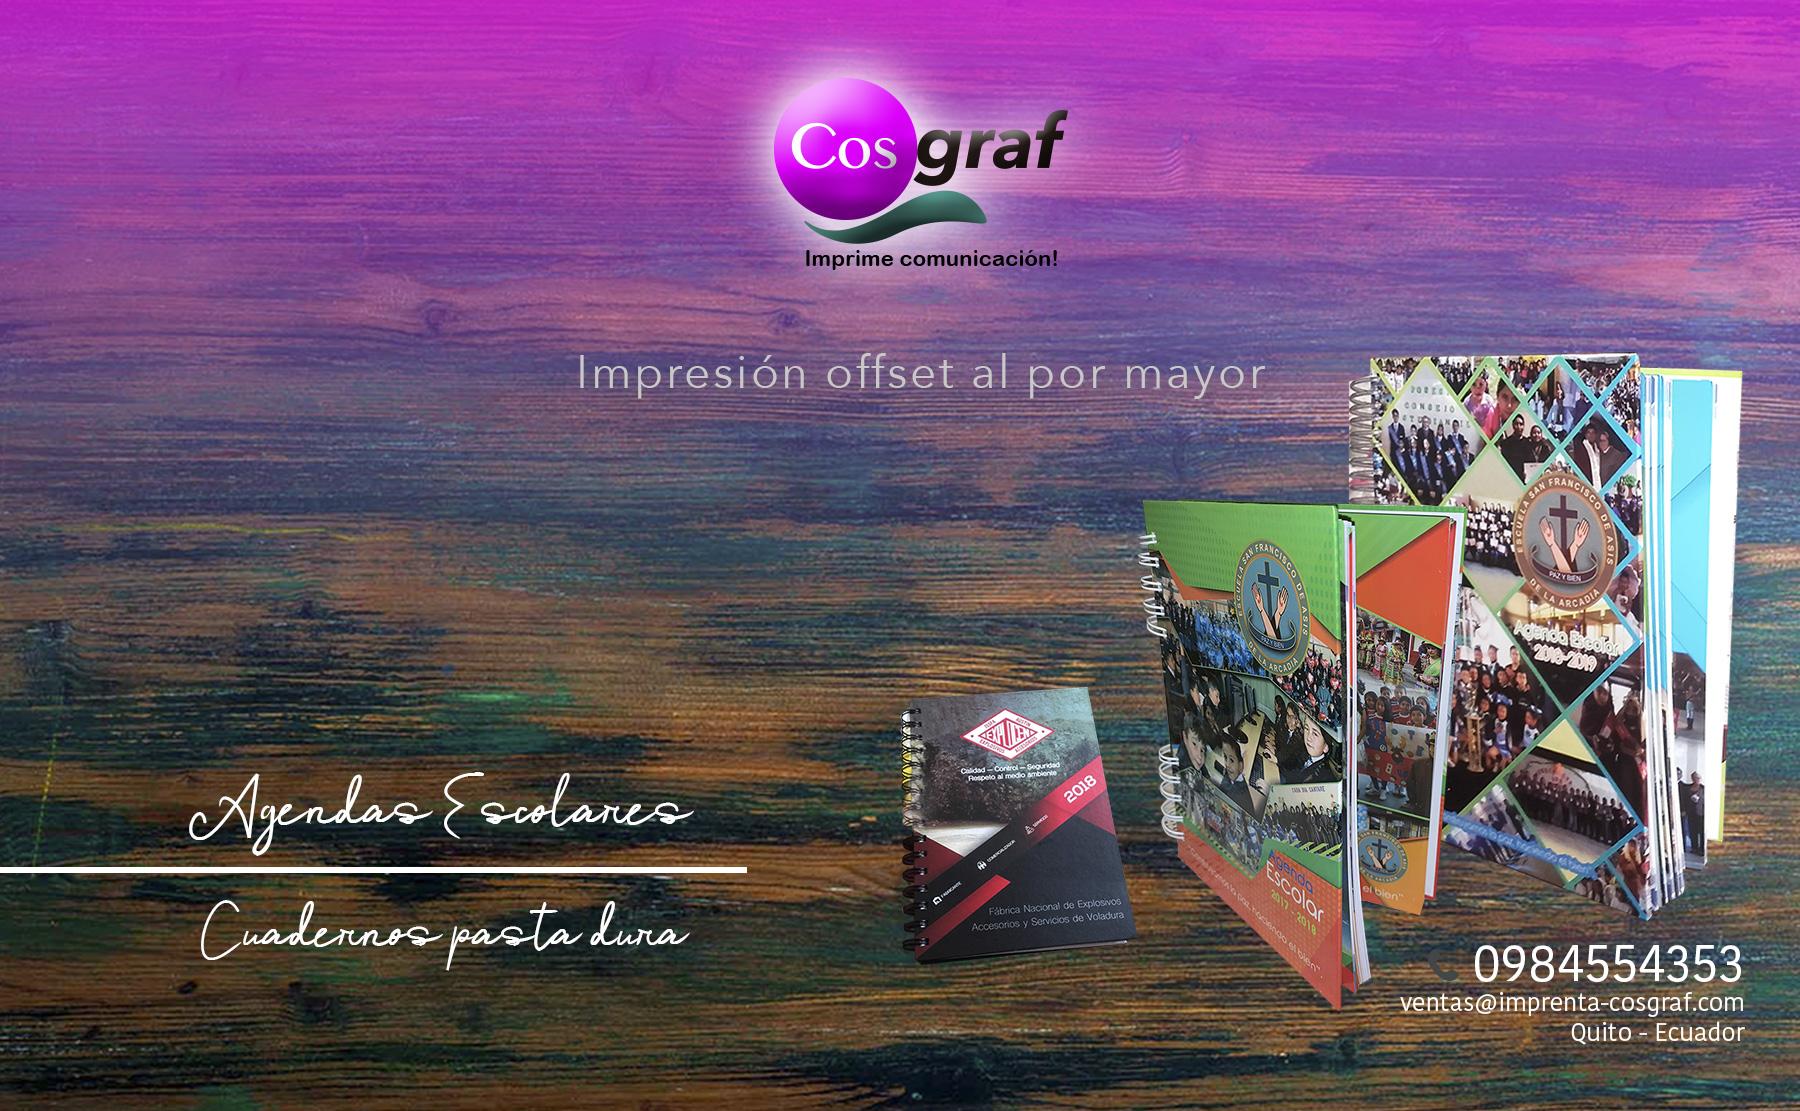 IMPRENTA Cosgraf, 0984554353 Quito norte